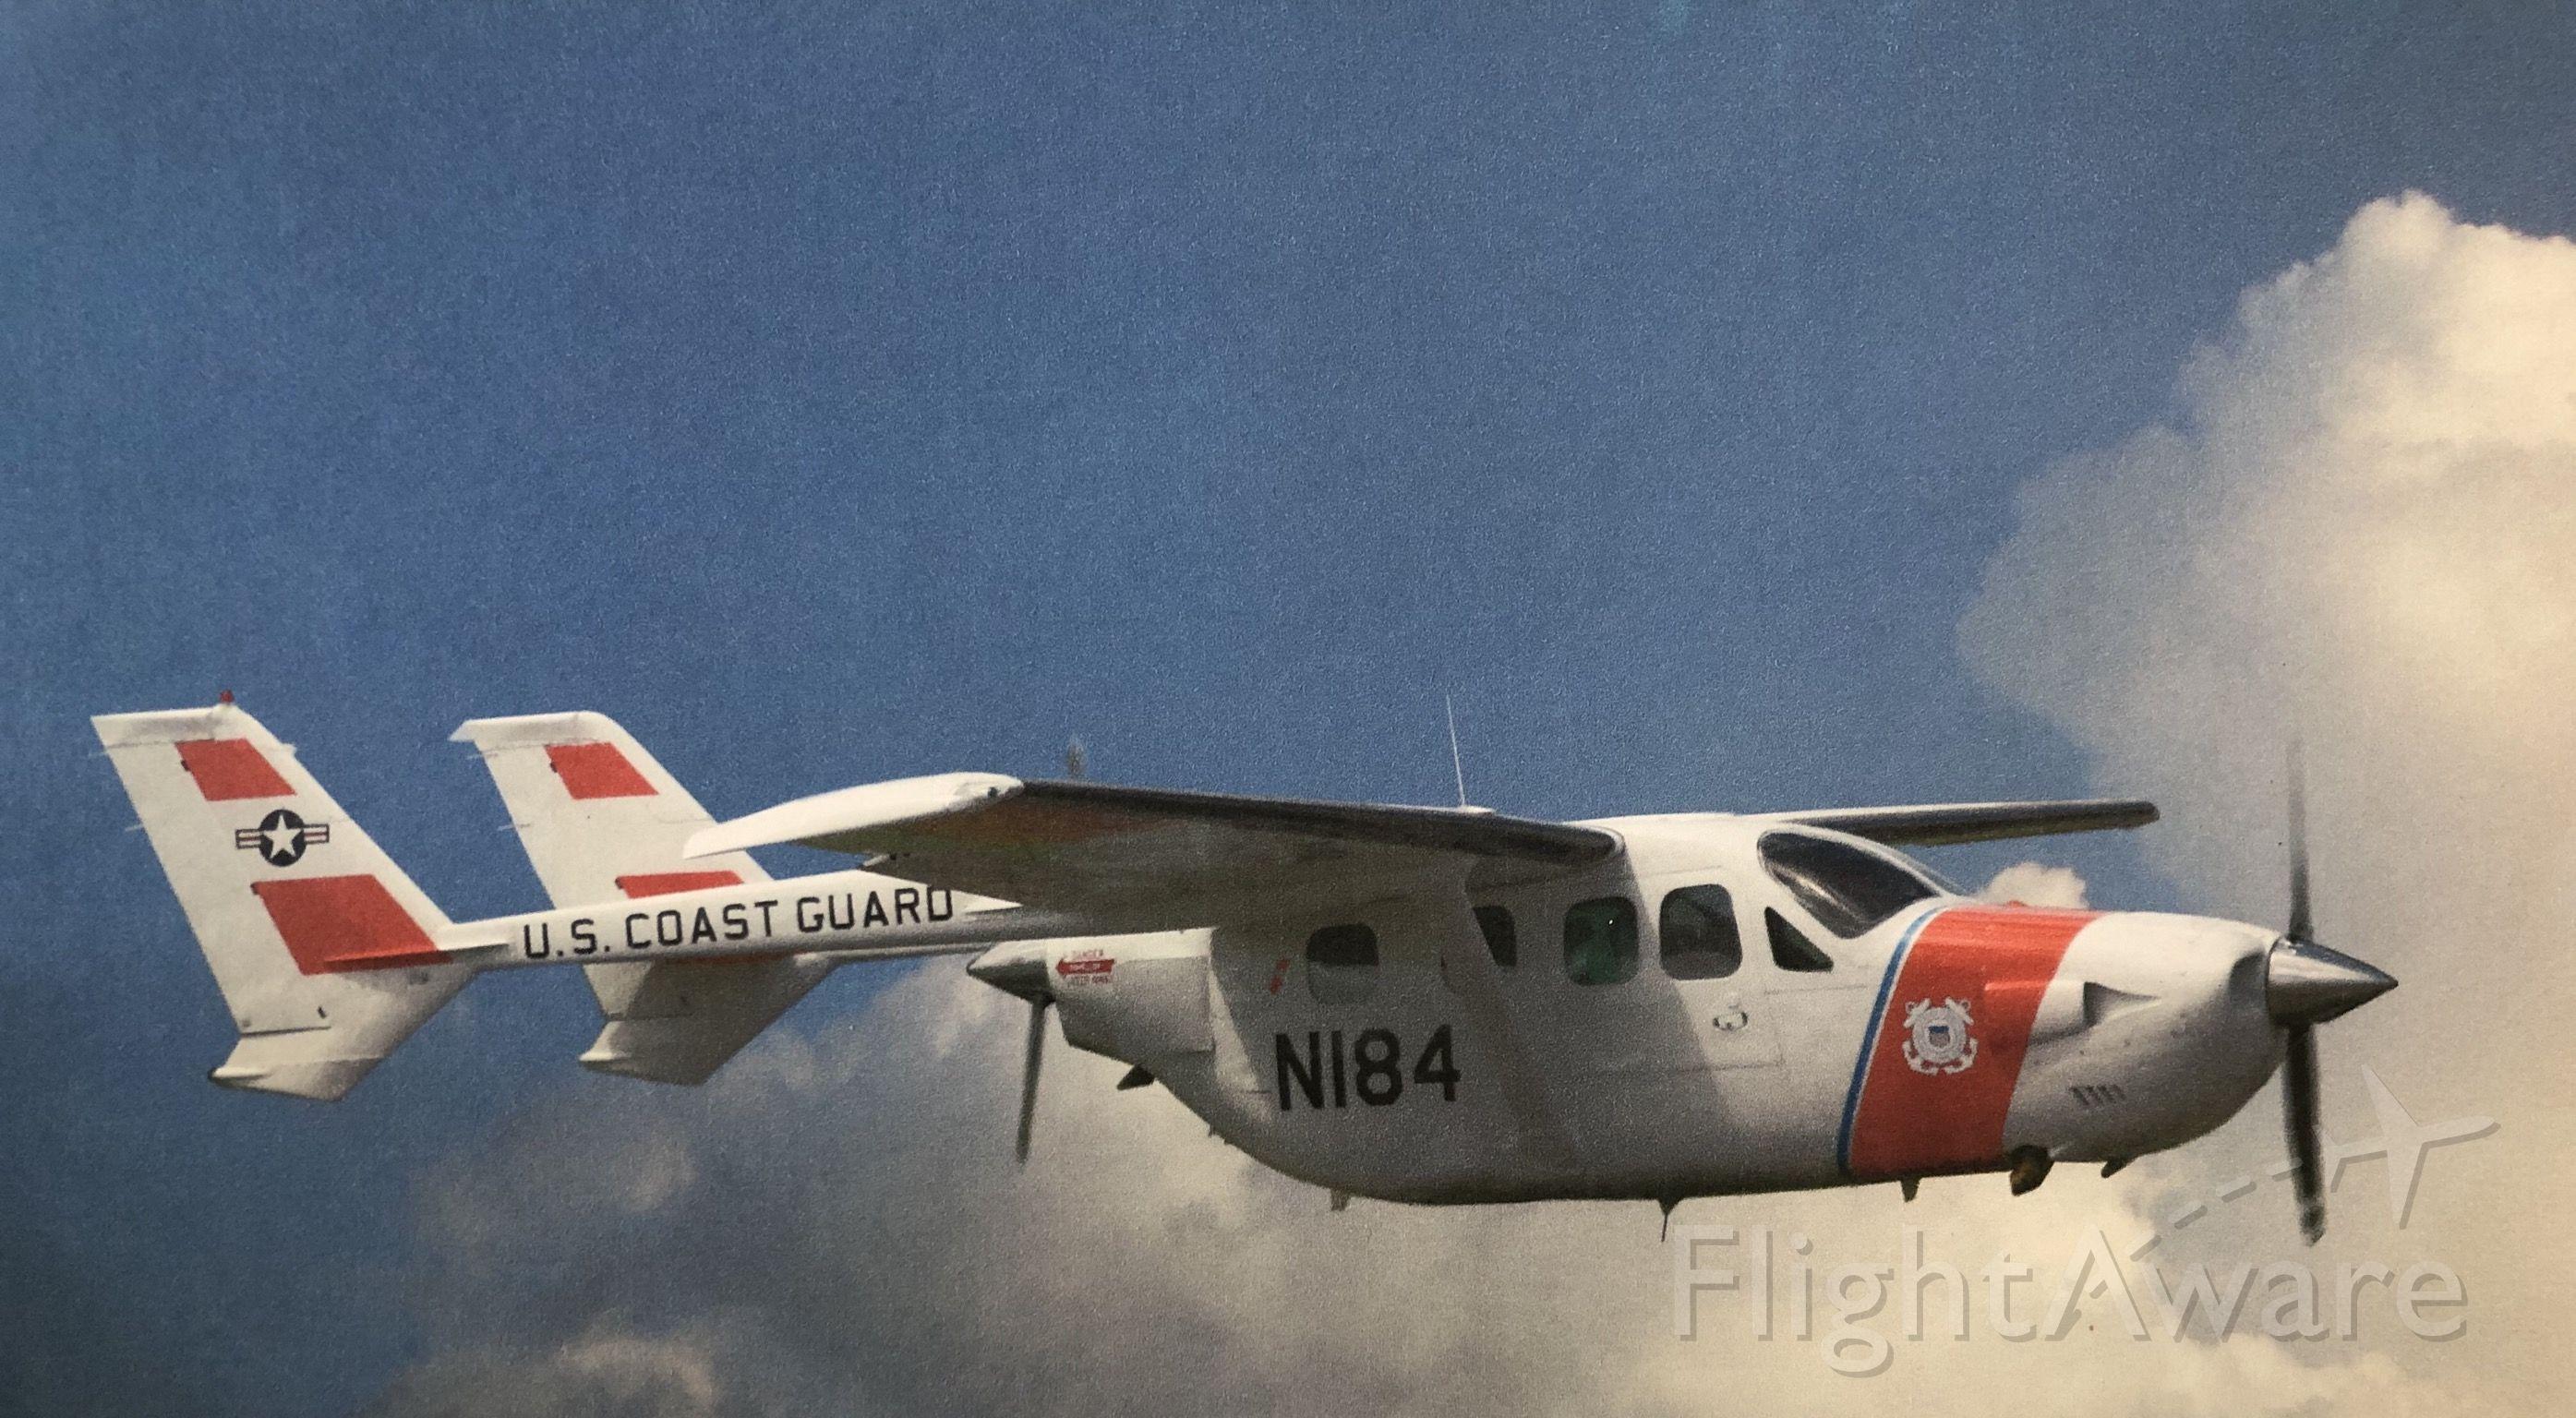 Cessna Super Skymaster (N184)